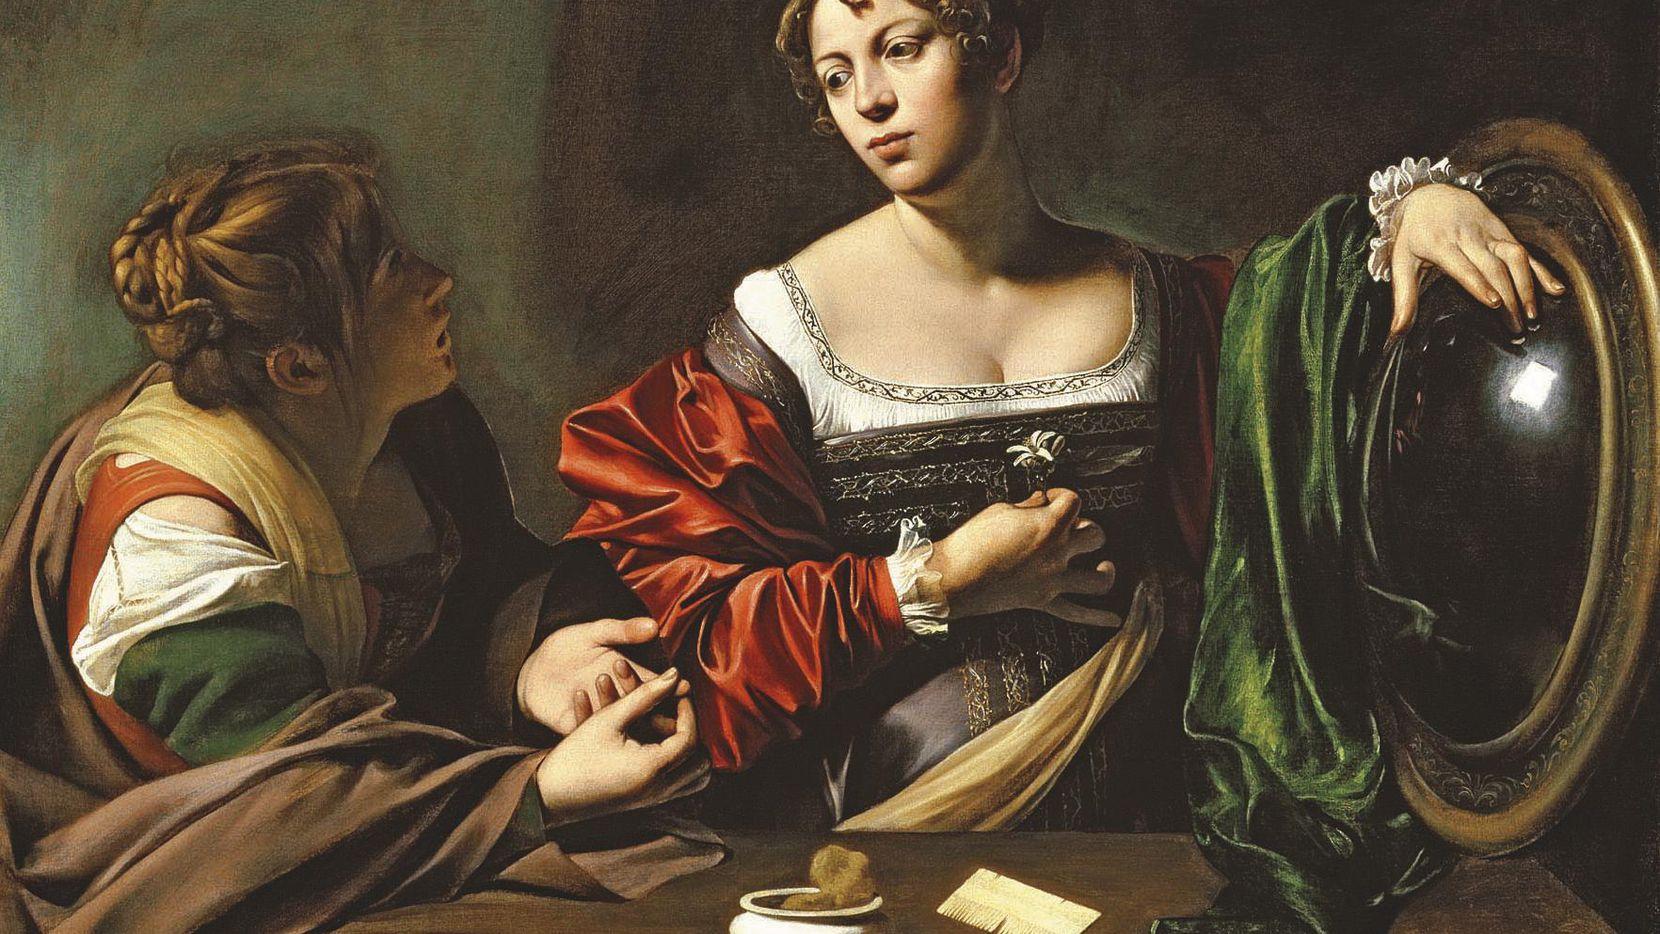 """La obra """"La Conversión de Magdalena"""" pintada entre 1597-97 por el maestro italiano Michelangelo Merisi da Caravaggio.(Detroit Institute of Arts)"""